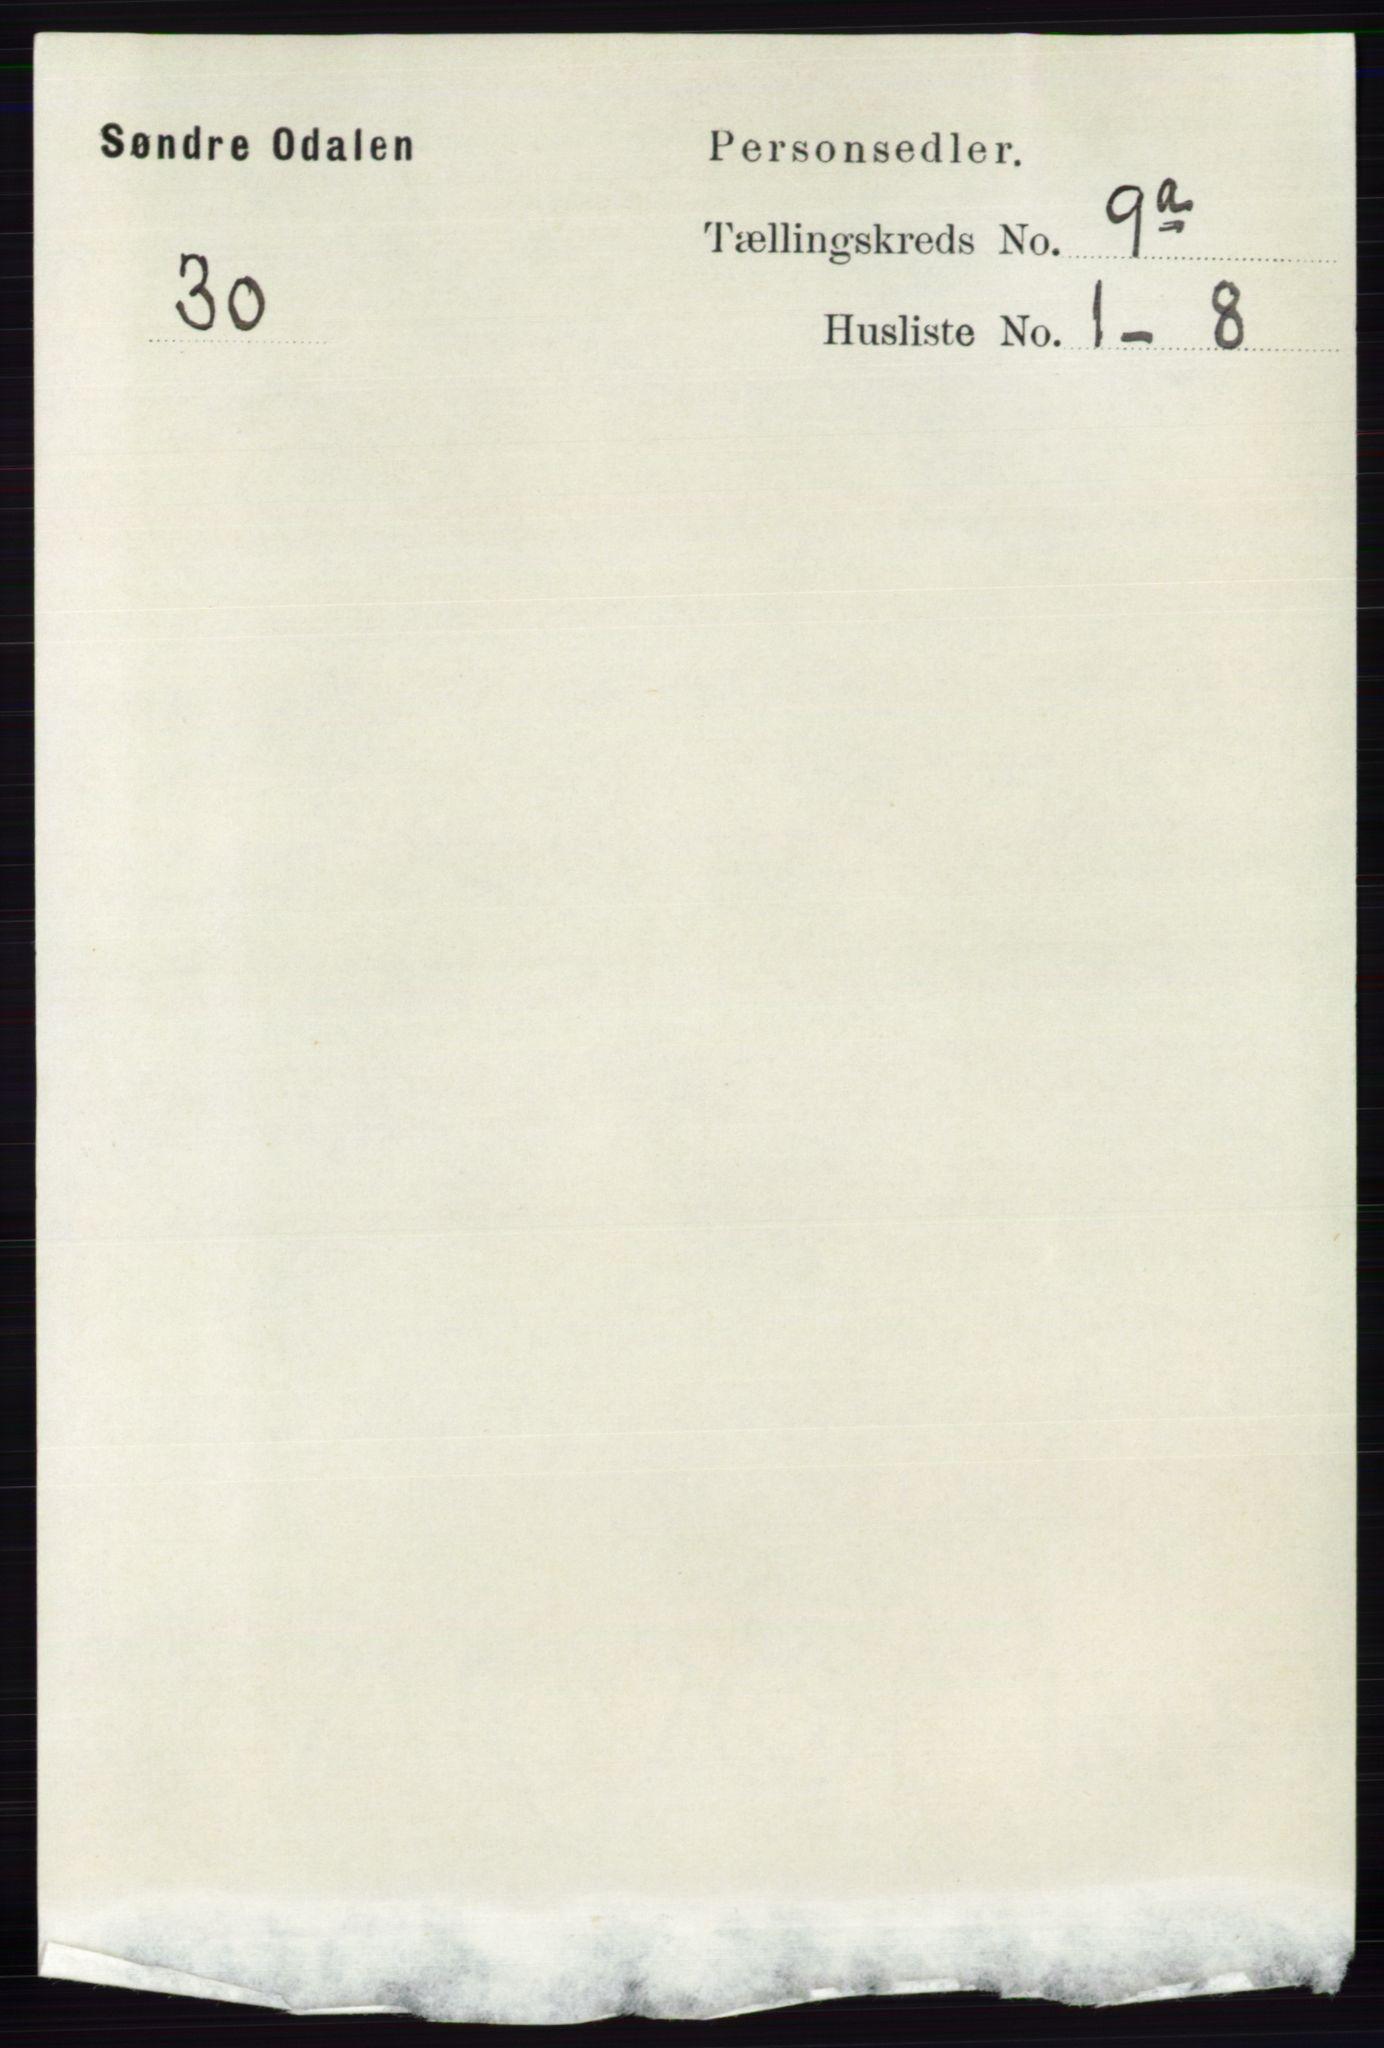 RA, Folketelling 1891 for 0419 Sør-Odal herred, 1891, s. 4070